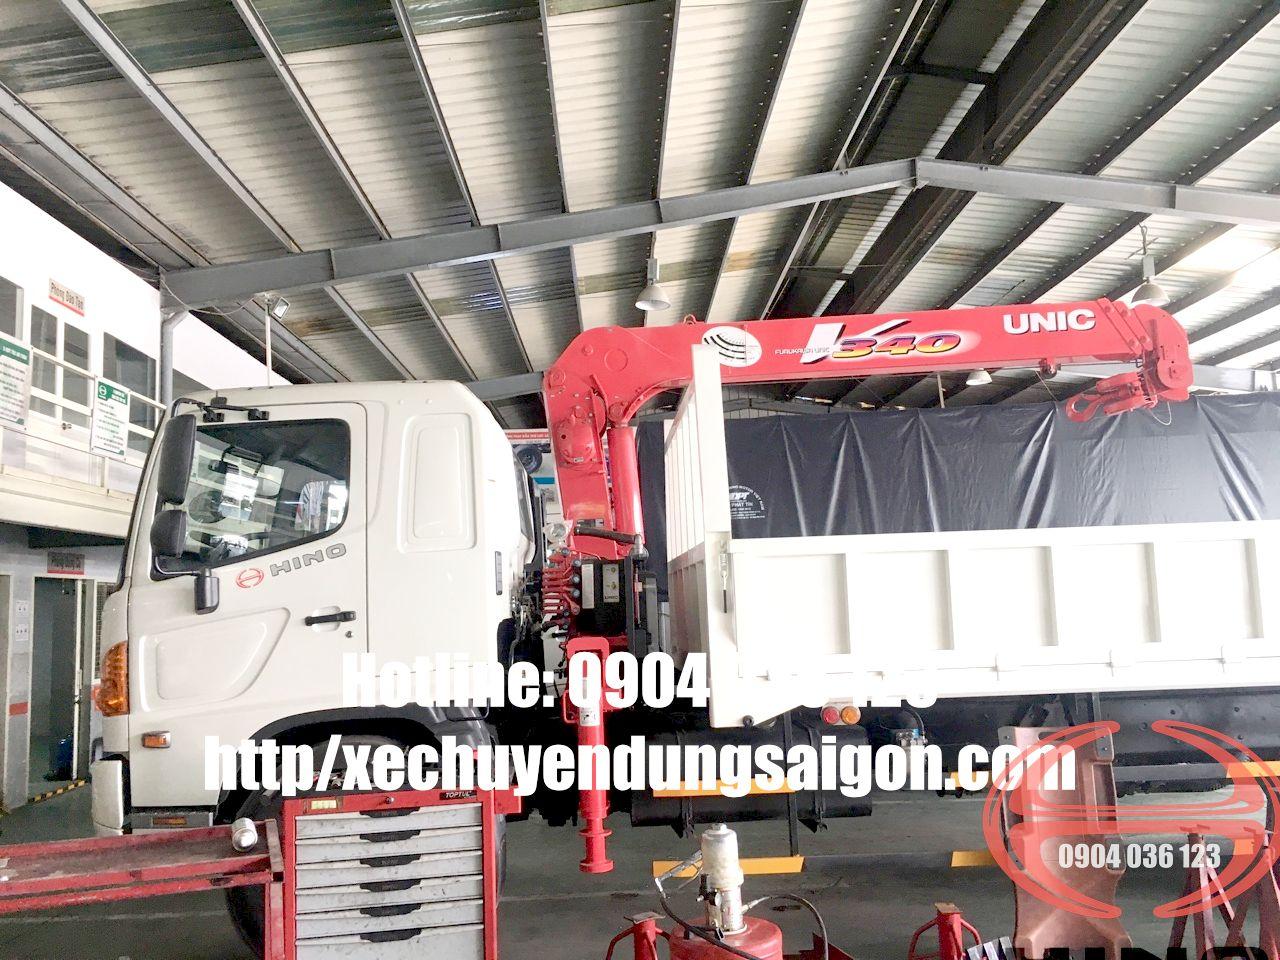 xe tải hino FL cẩu unic 3 tấn